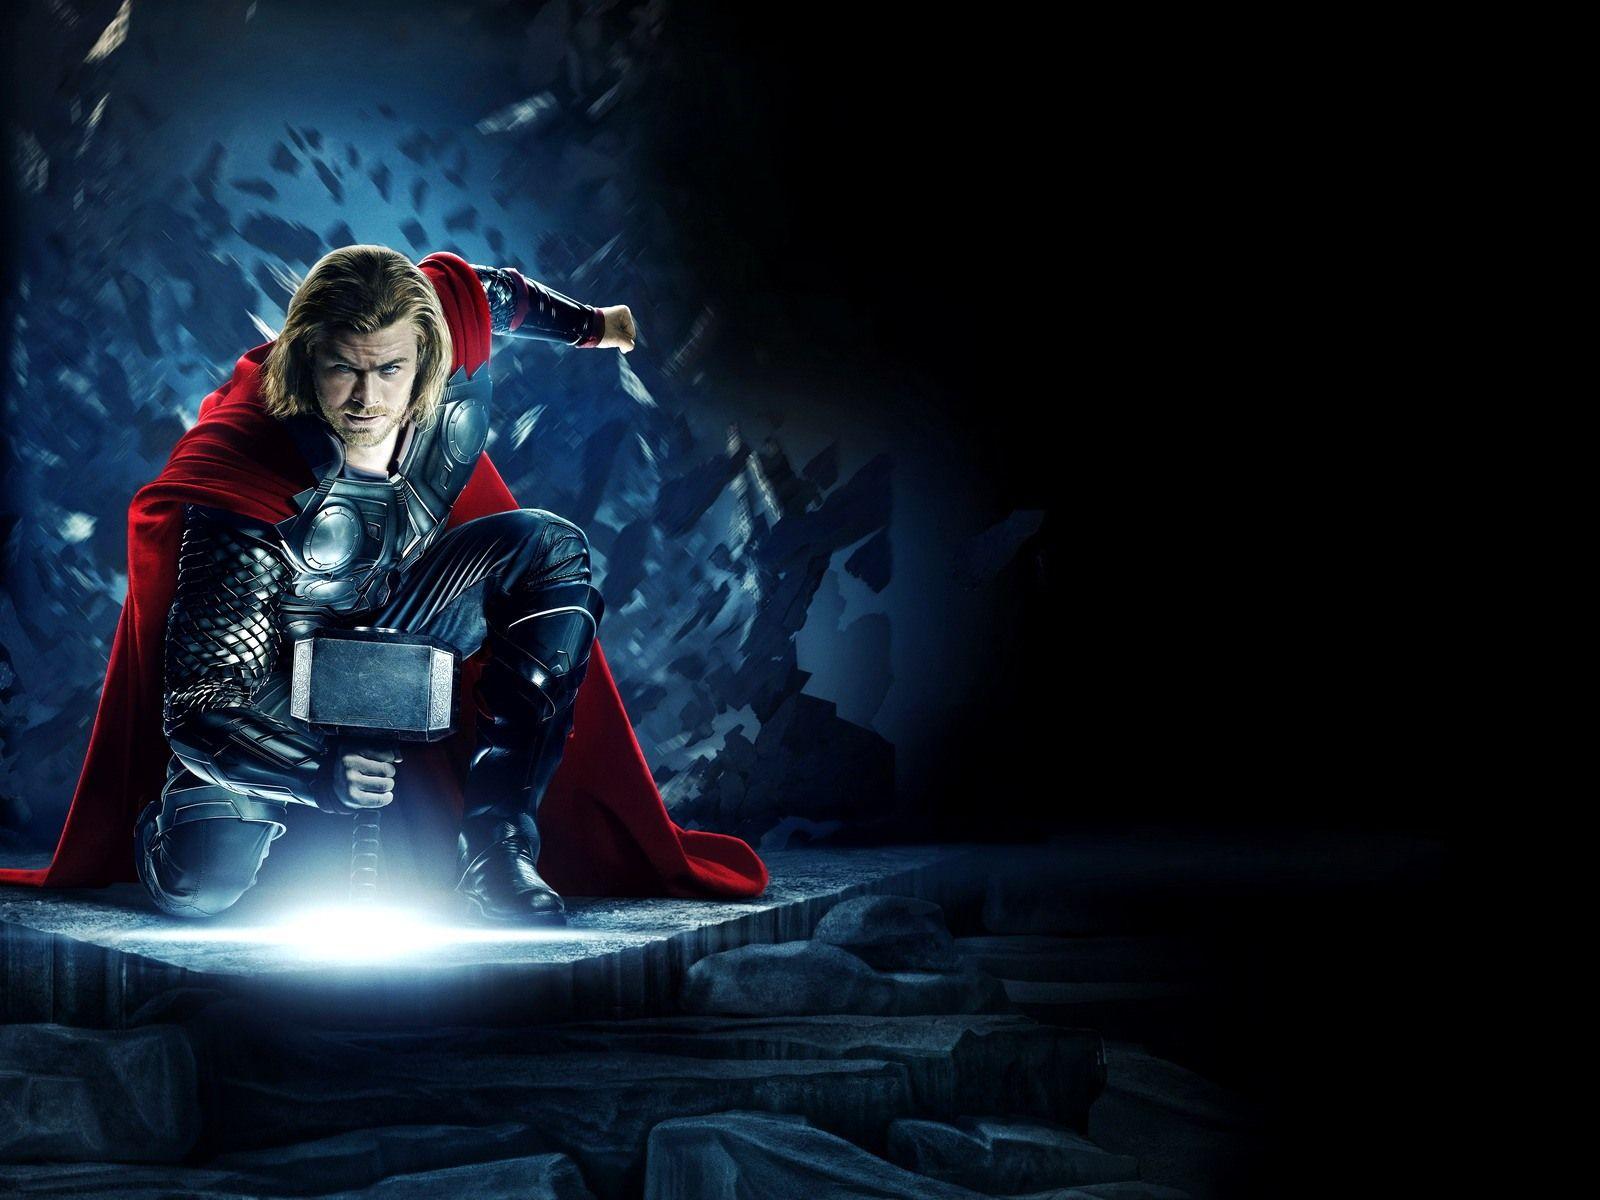 http://3.bp.blogspot.com/-6RbJ6yBsj-o/T60dg2Xpz1I/AAAAAAAAAzk/Yh75LW-3AZg/s1600/Thor-Wallpaper.jpg